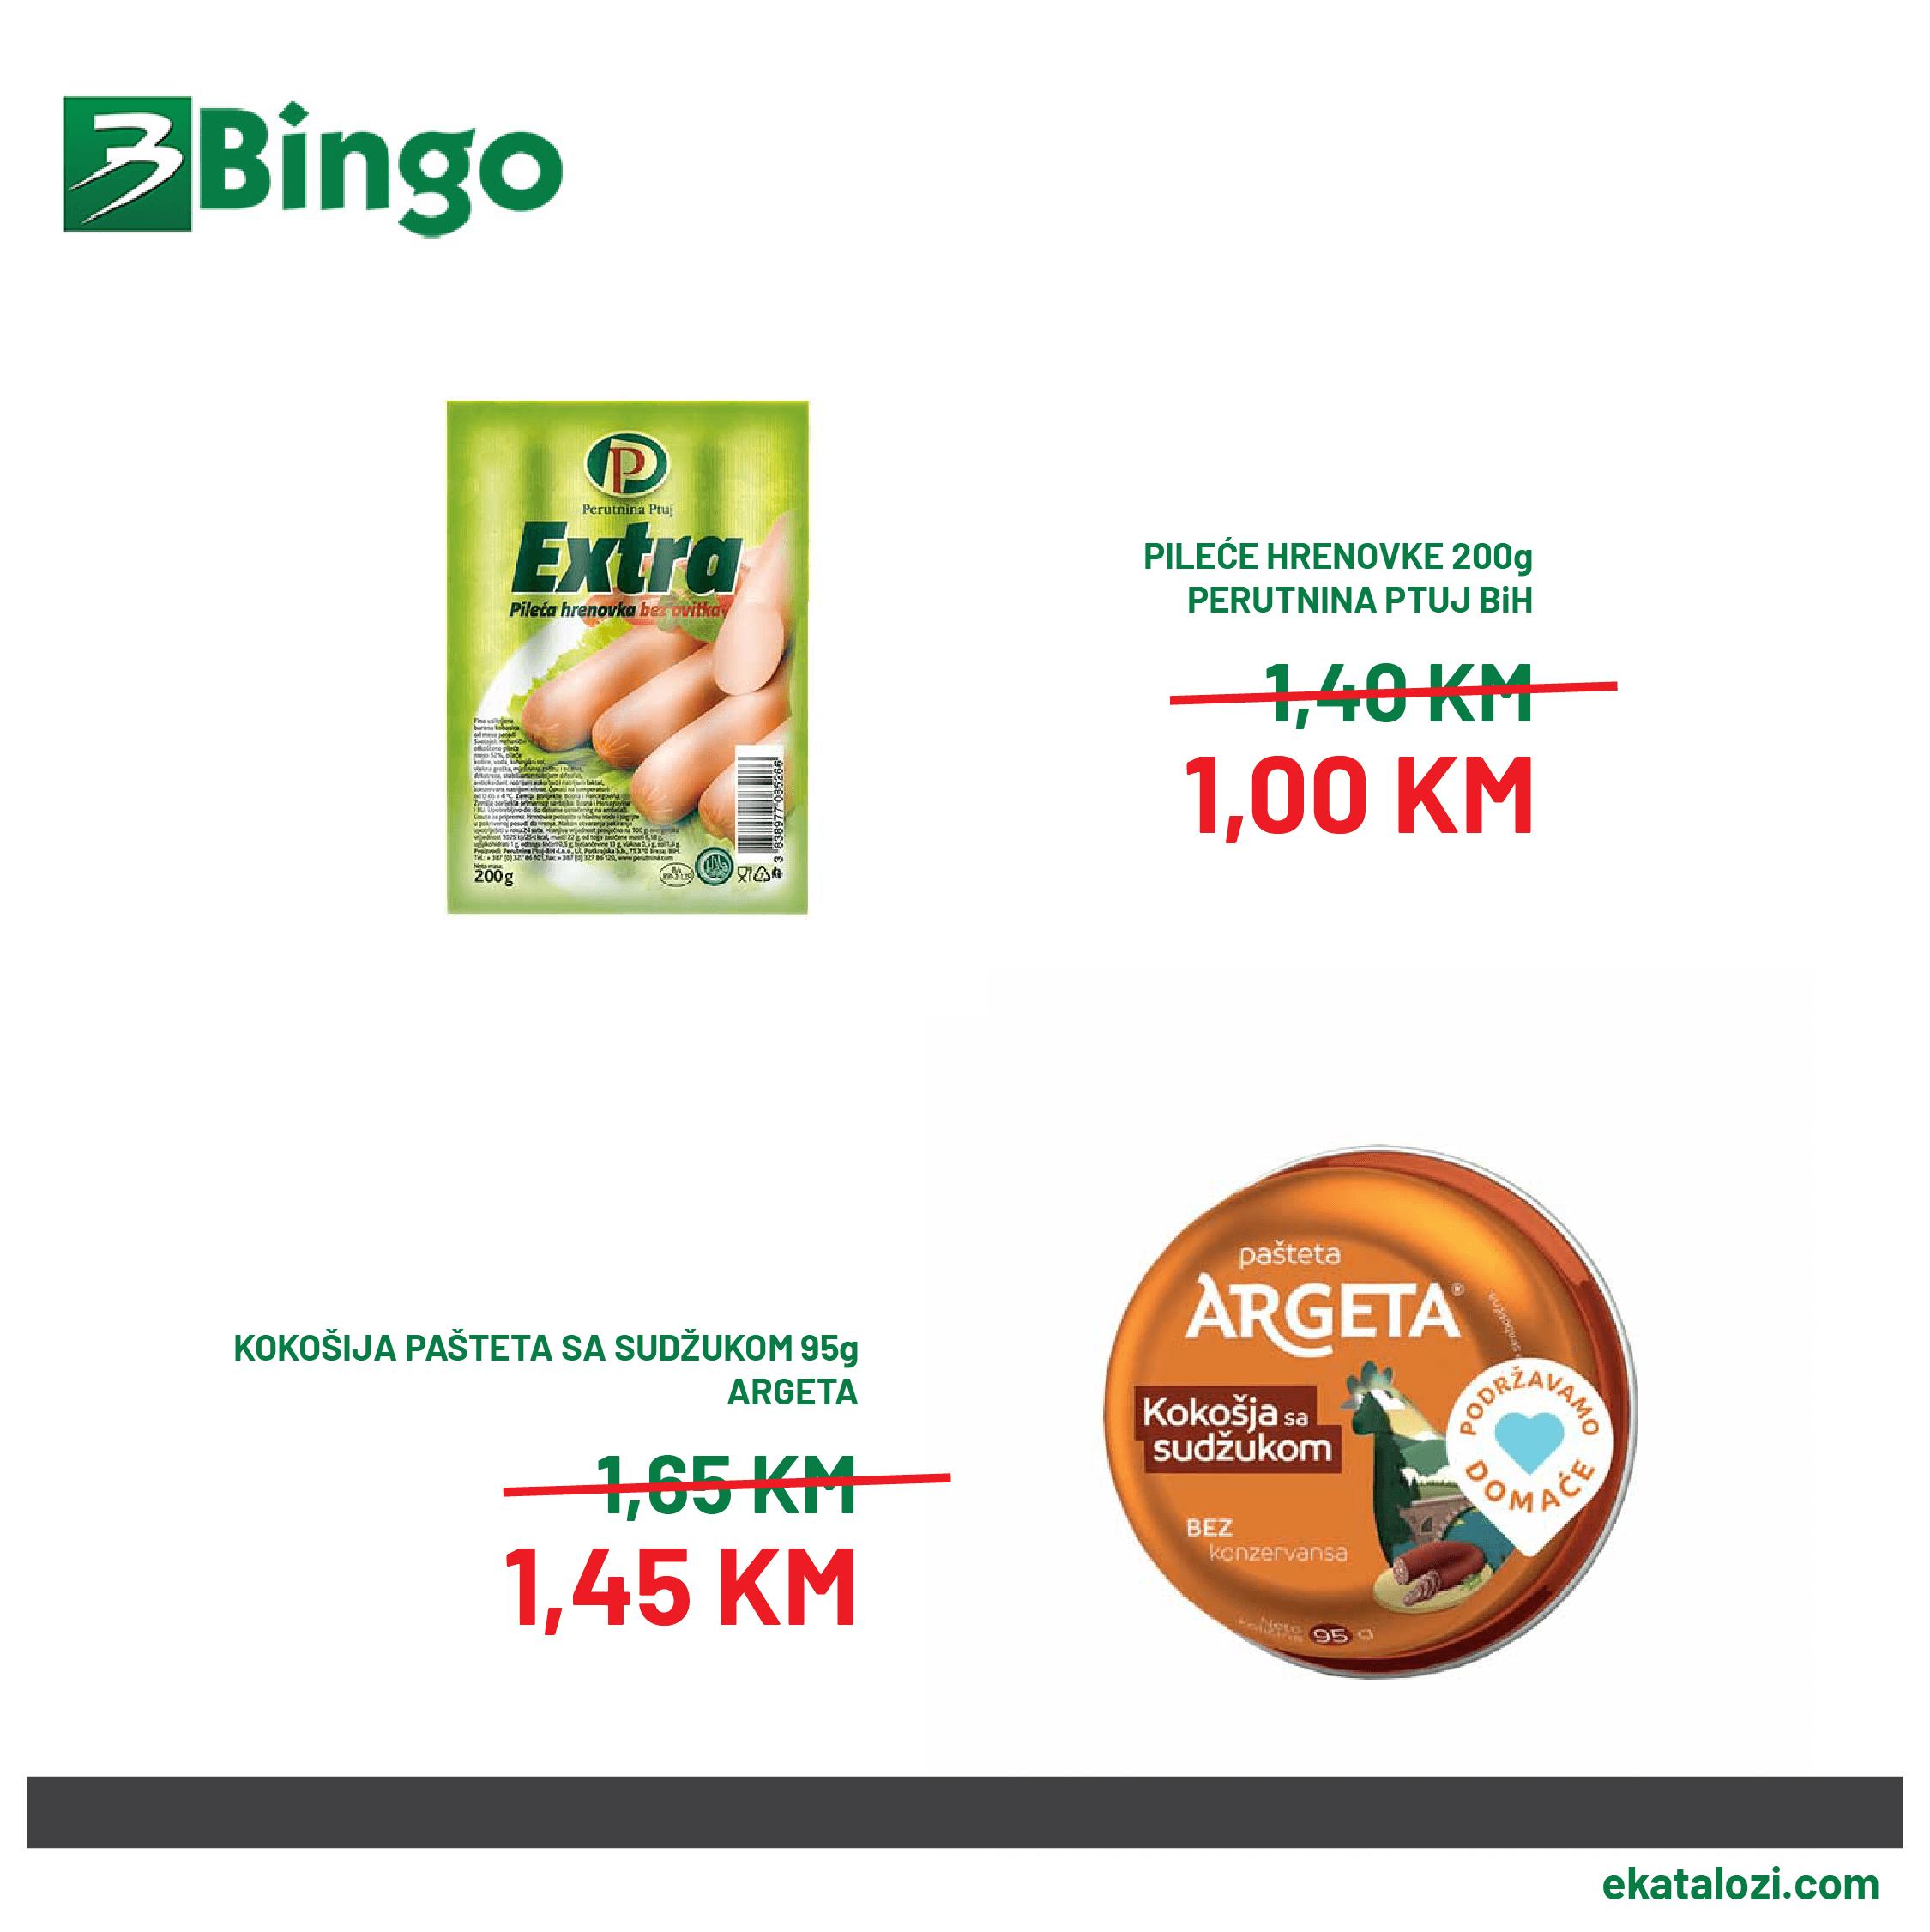 BINGO Super akcija AVGUST 2021 20.8.2021. 22.08.2021 2